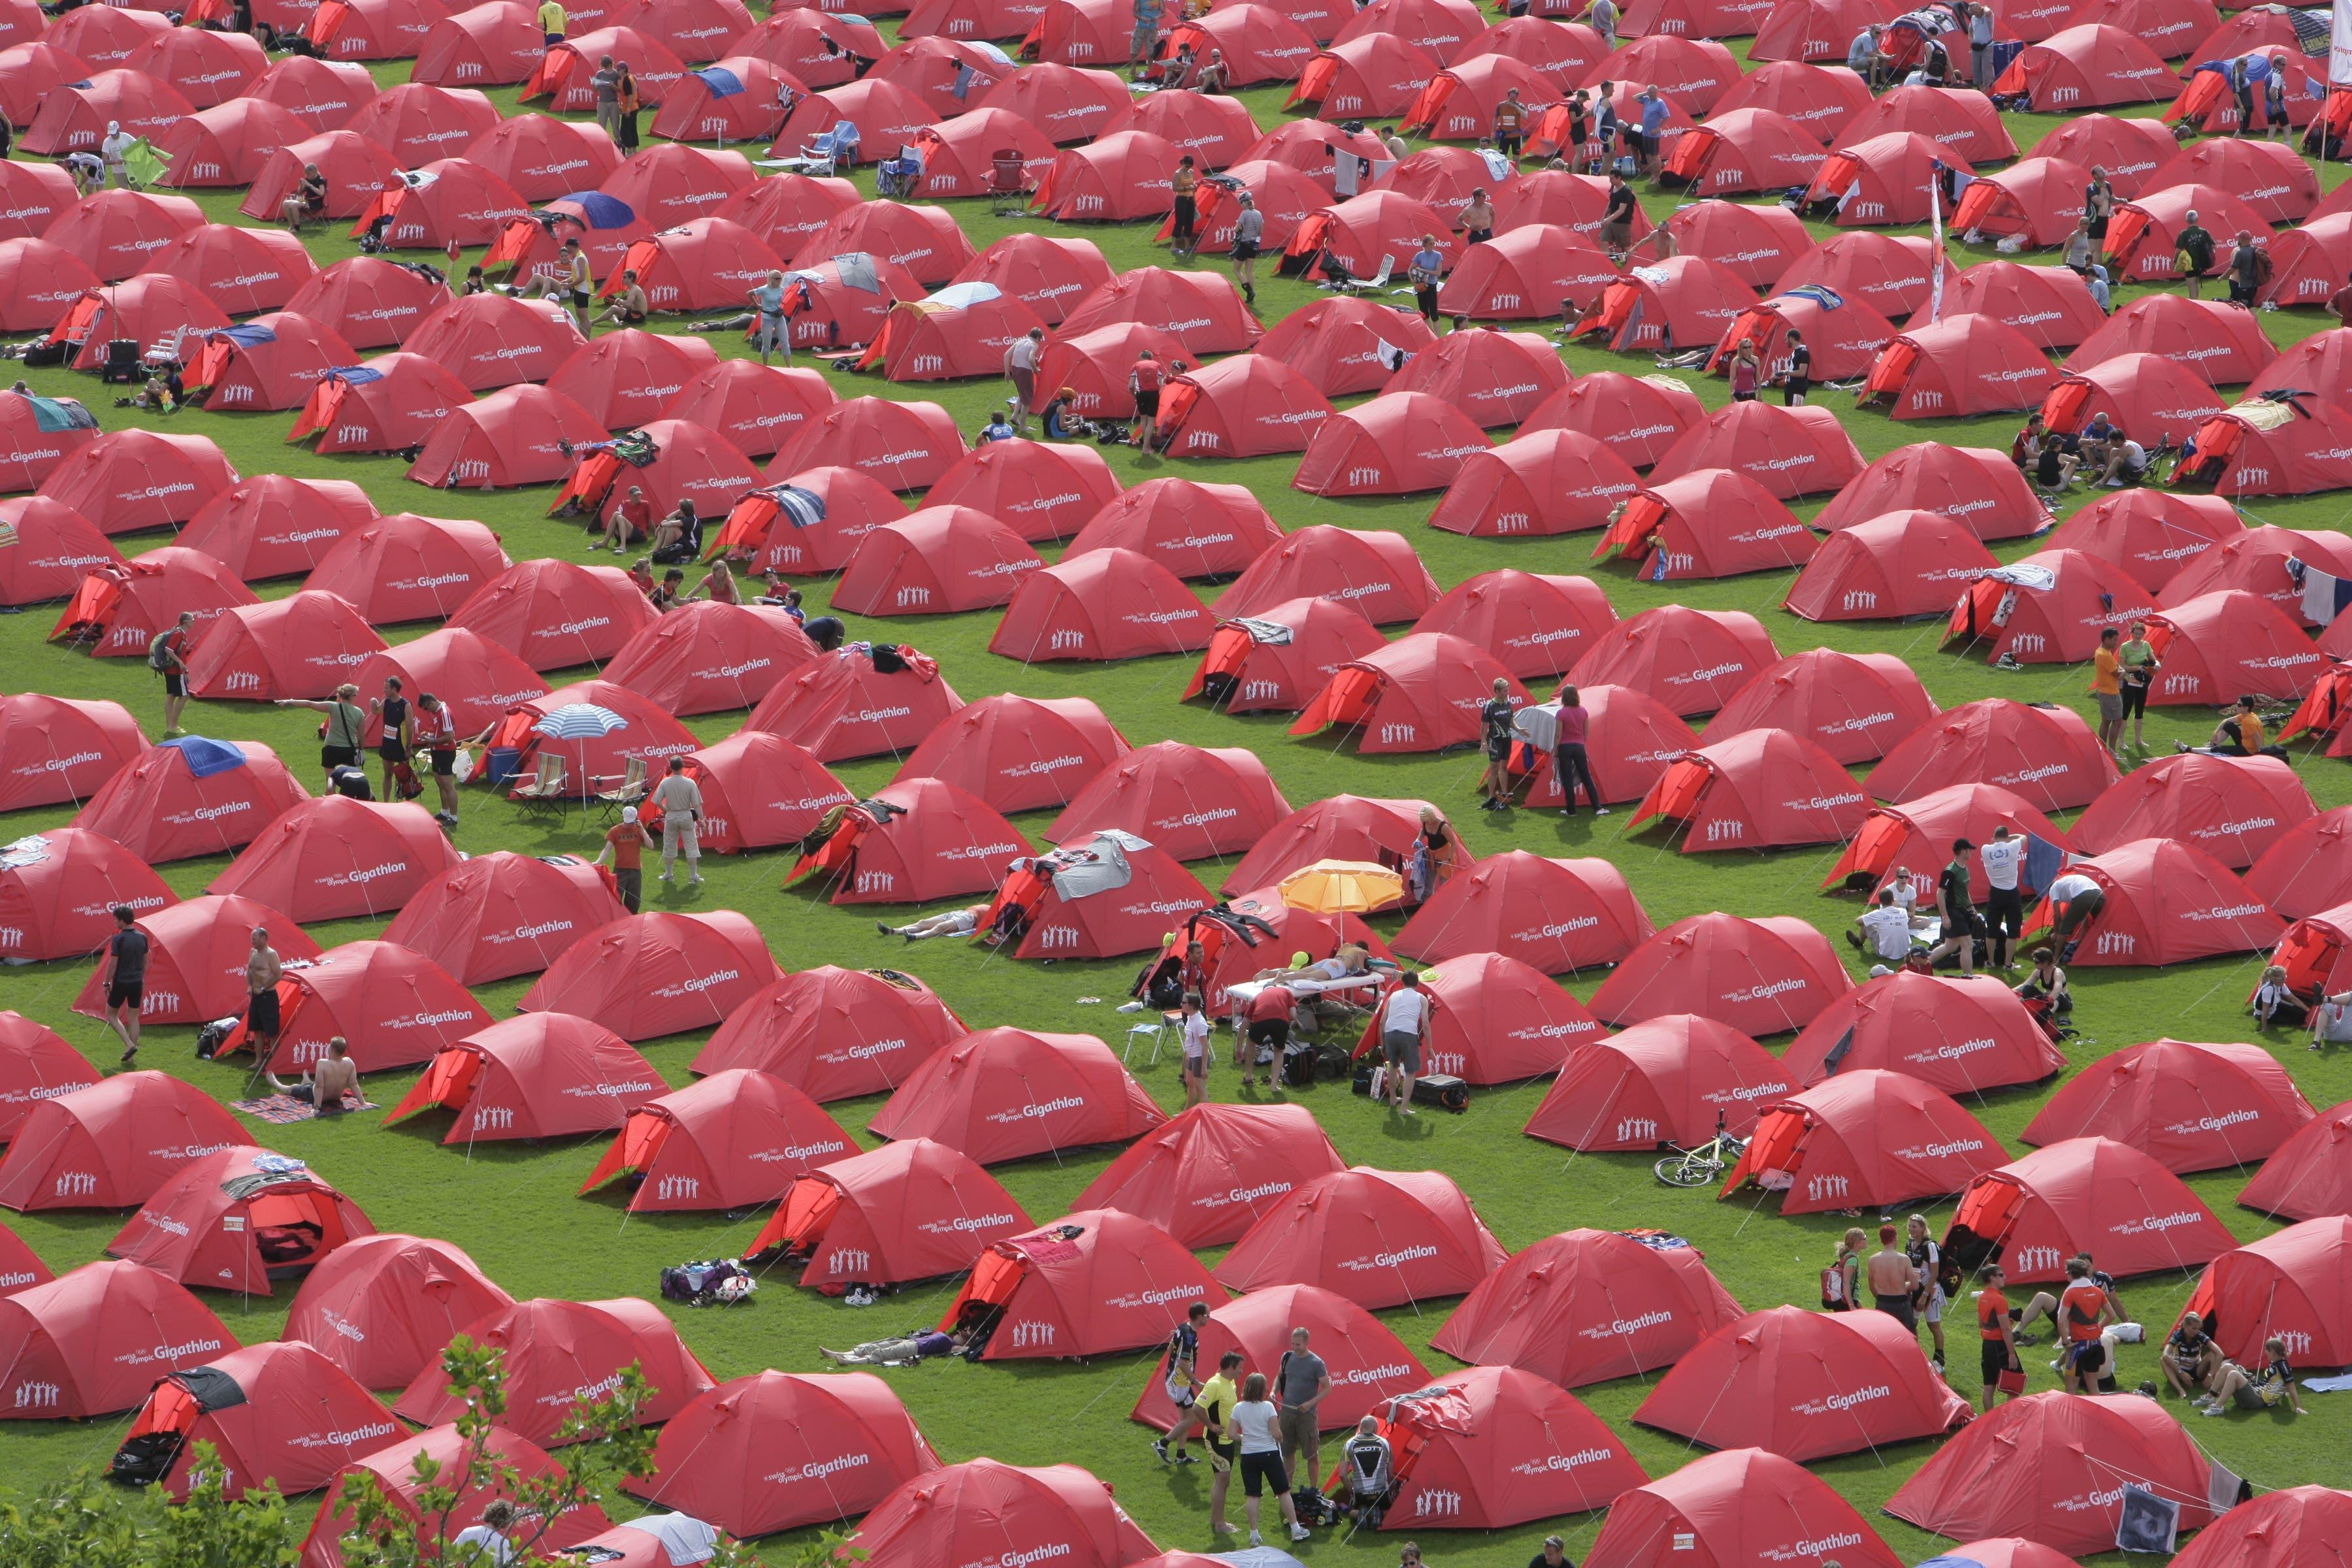 Vom 3. bis 5. Juli 2009 beherbergten rund 2400 Zelte die Teilnehmerinnen und Teilnehmer des ersten Gigathlons in St.Gallen. Vom 3. bis 5. Juli 2020 kehrt der Grossanlass samt Zeltstadt wieder hierher zurück.